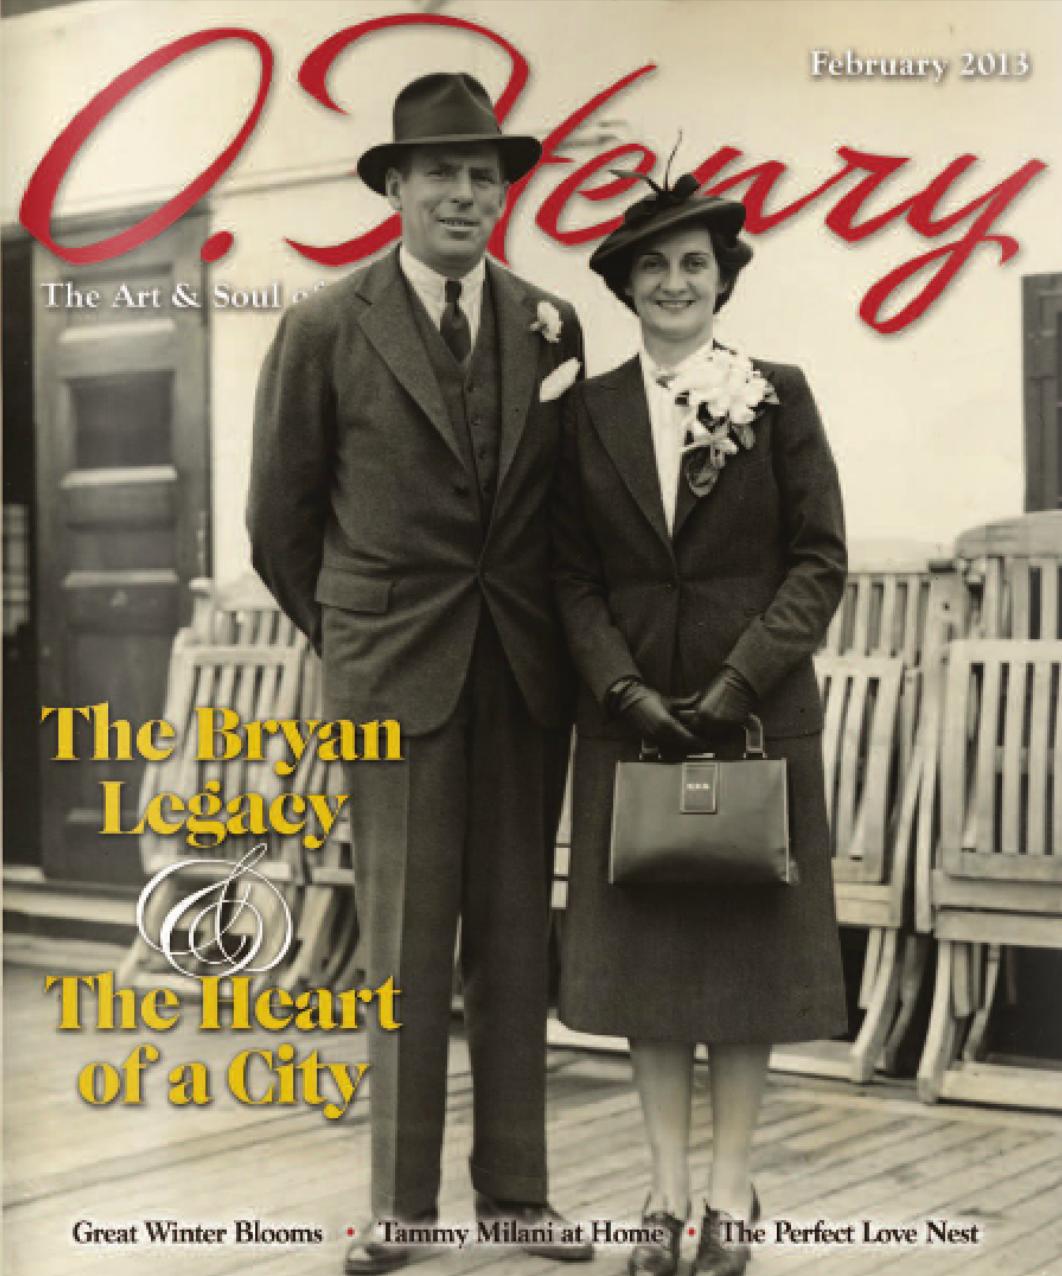 O'Henry Magazine, February 2013